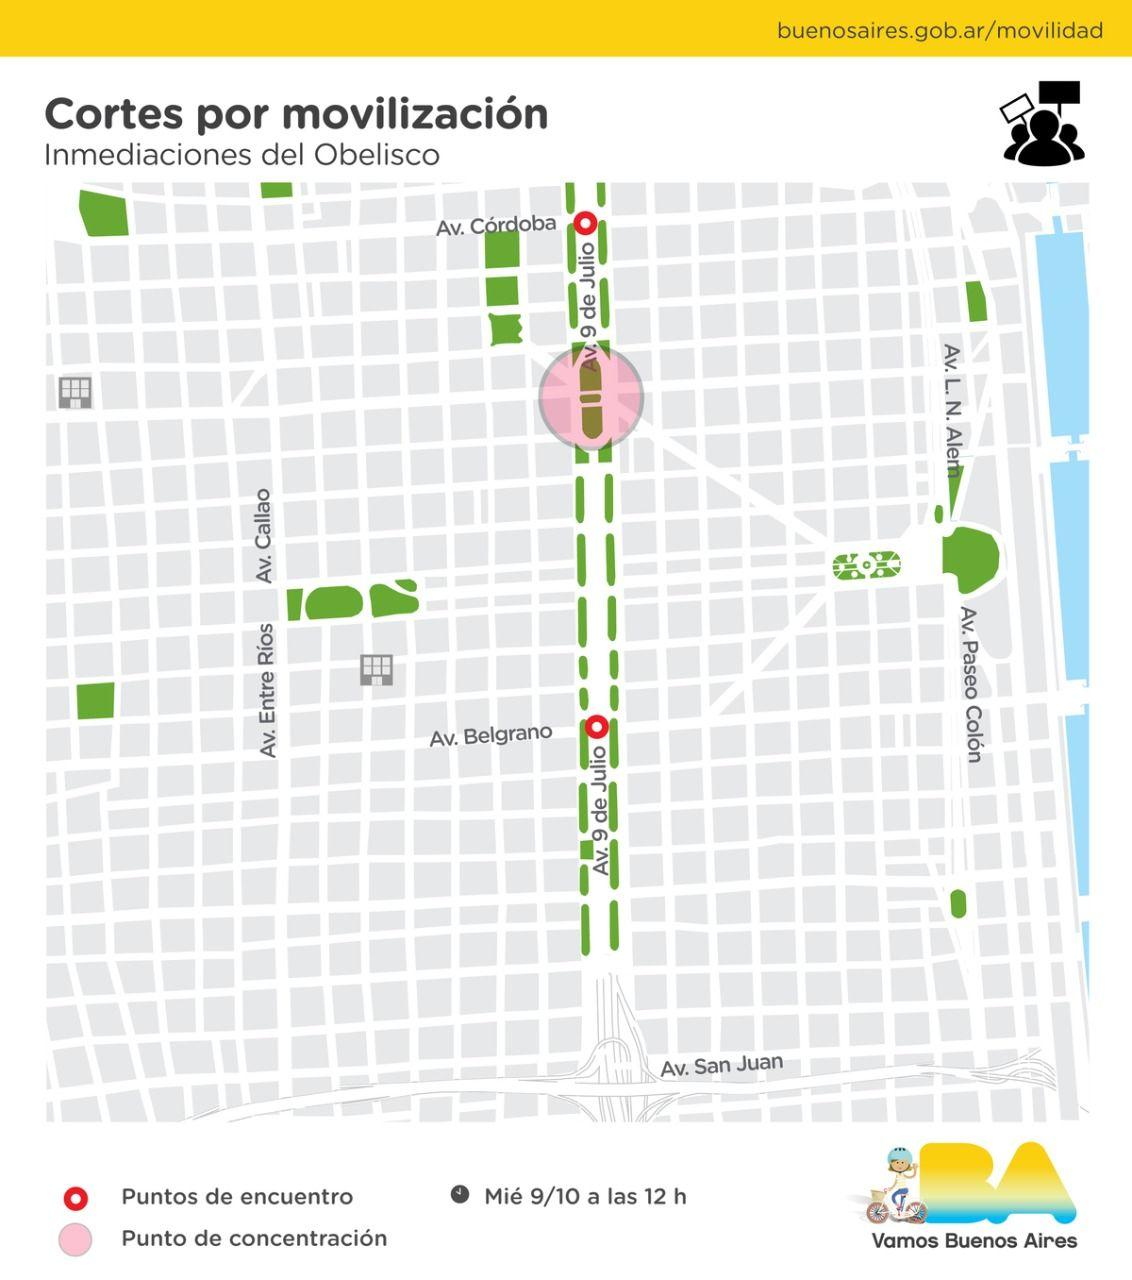 Mapa de cortes